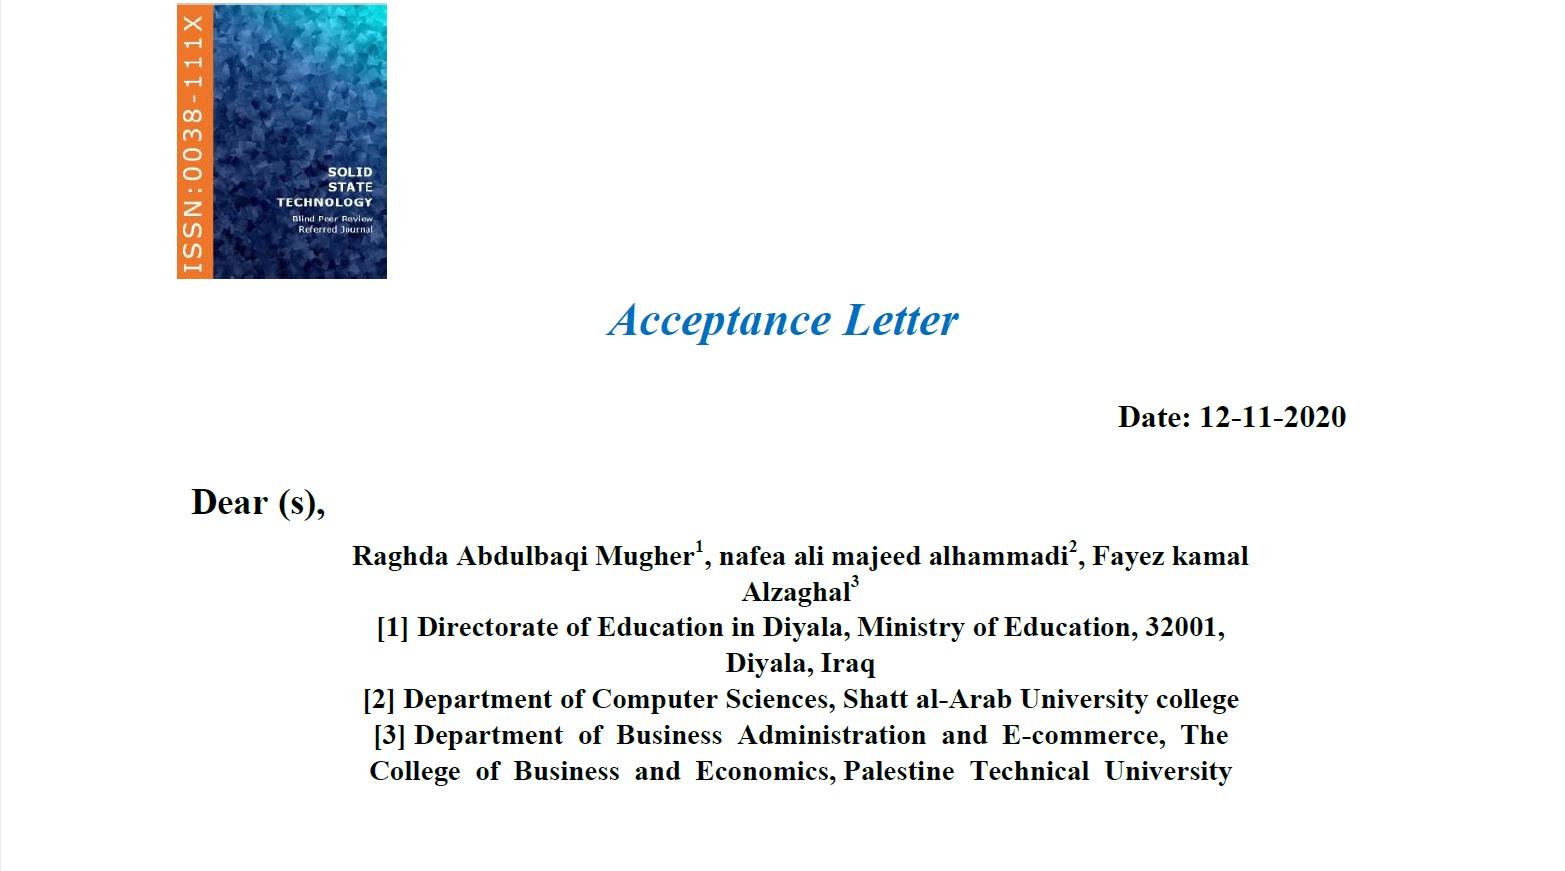 بحث لتريسي في كلية شط العرب الجامعة  يقبل للنشر في مجلة  عالمية